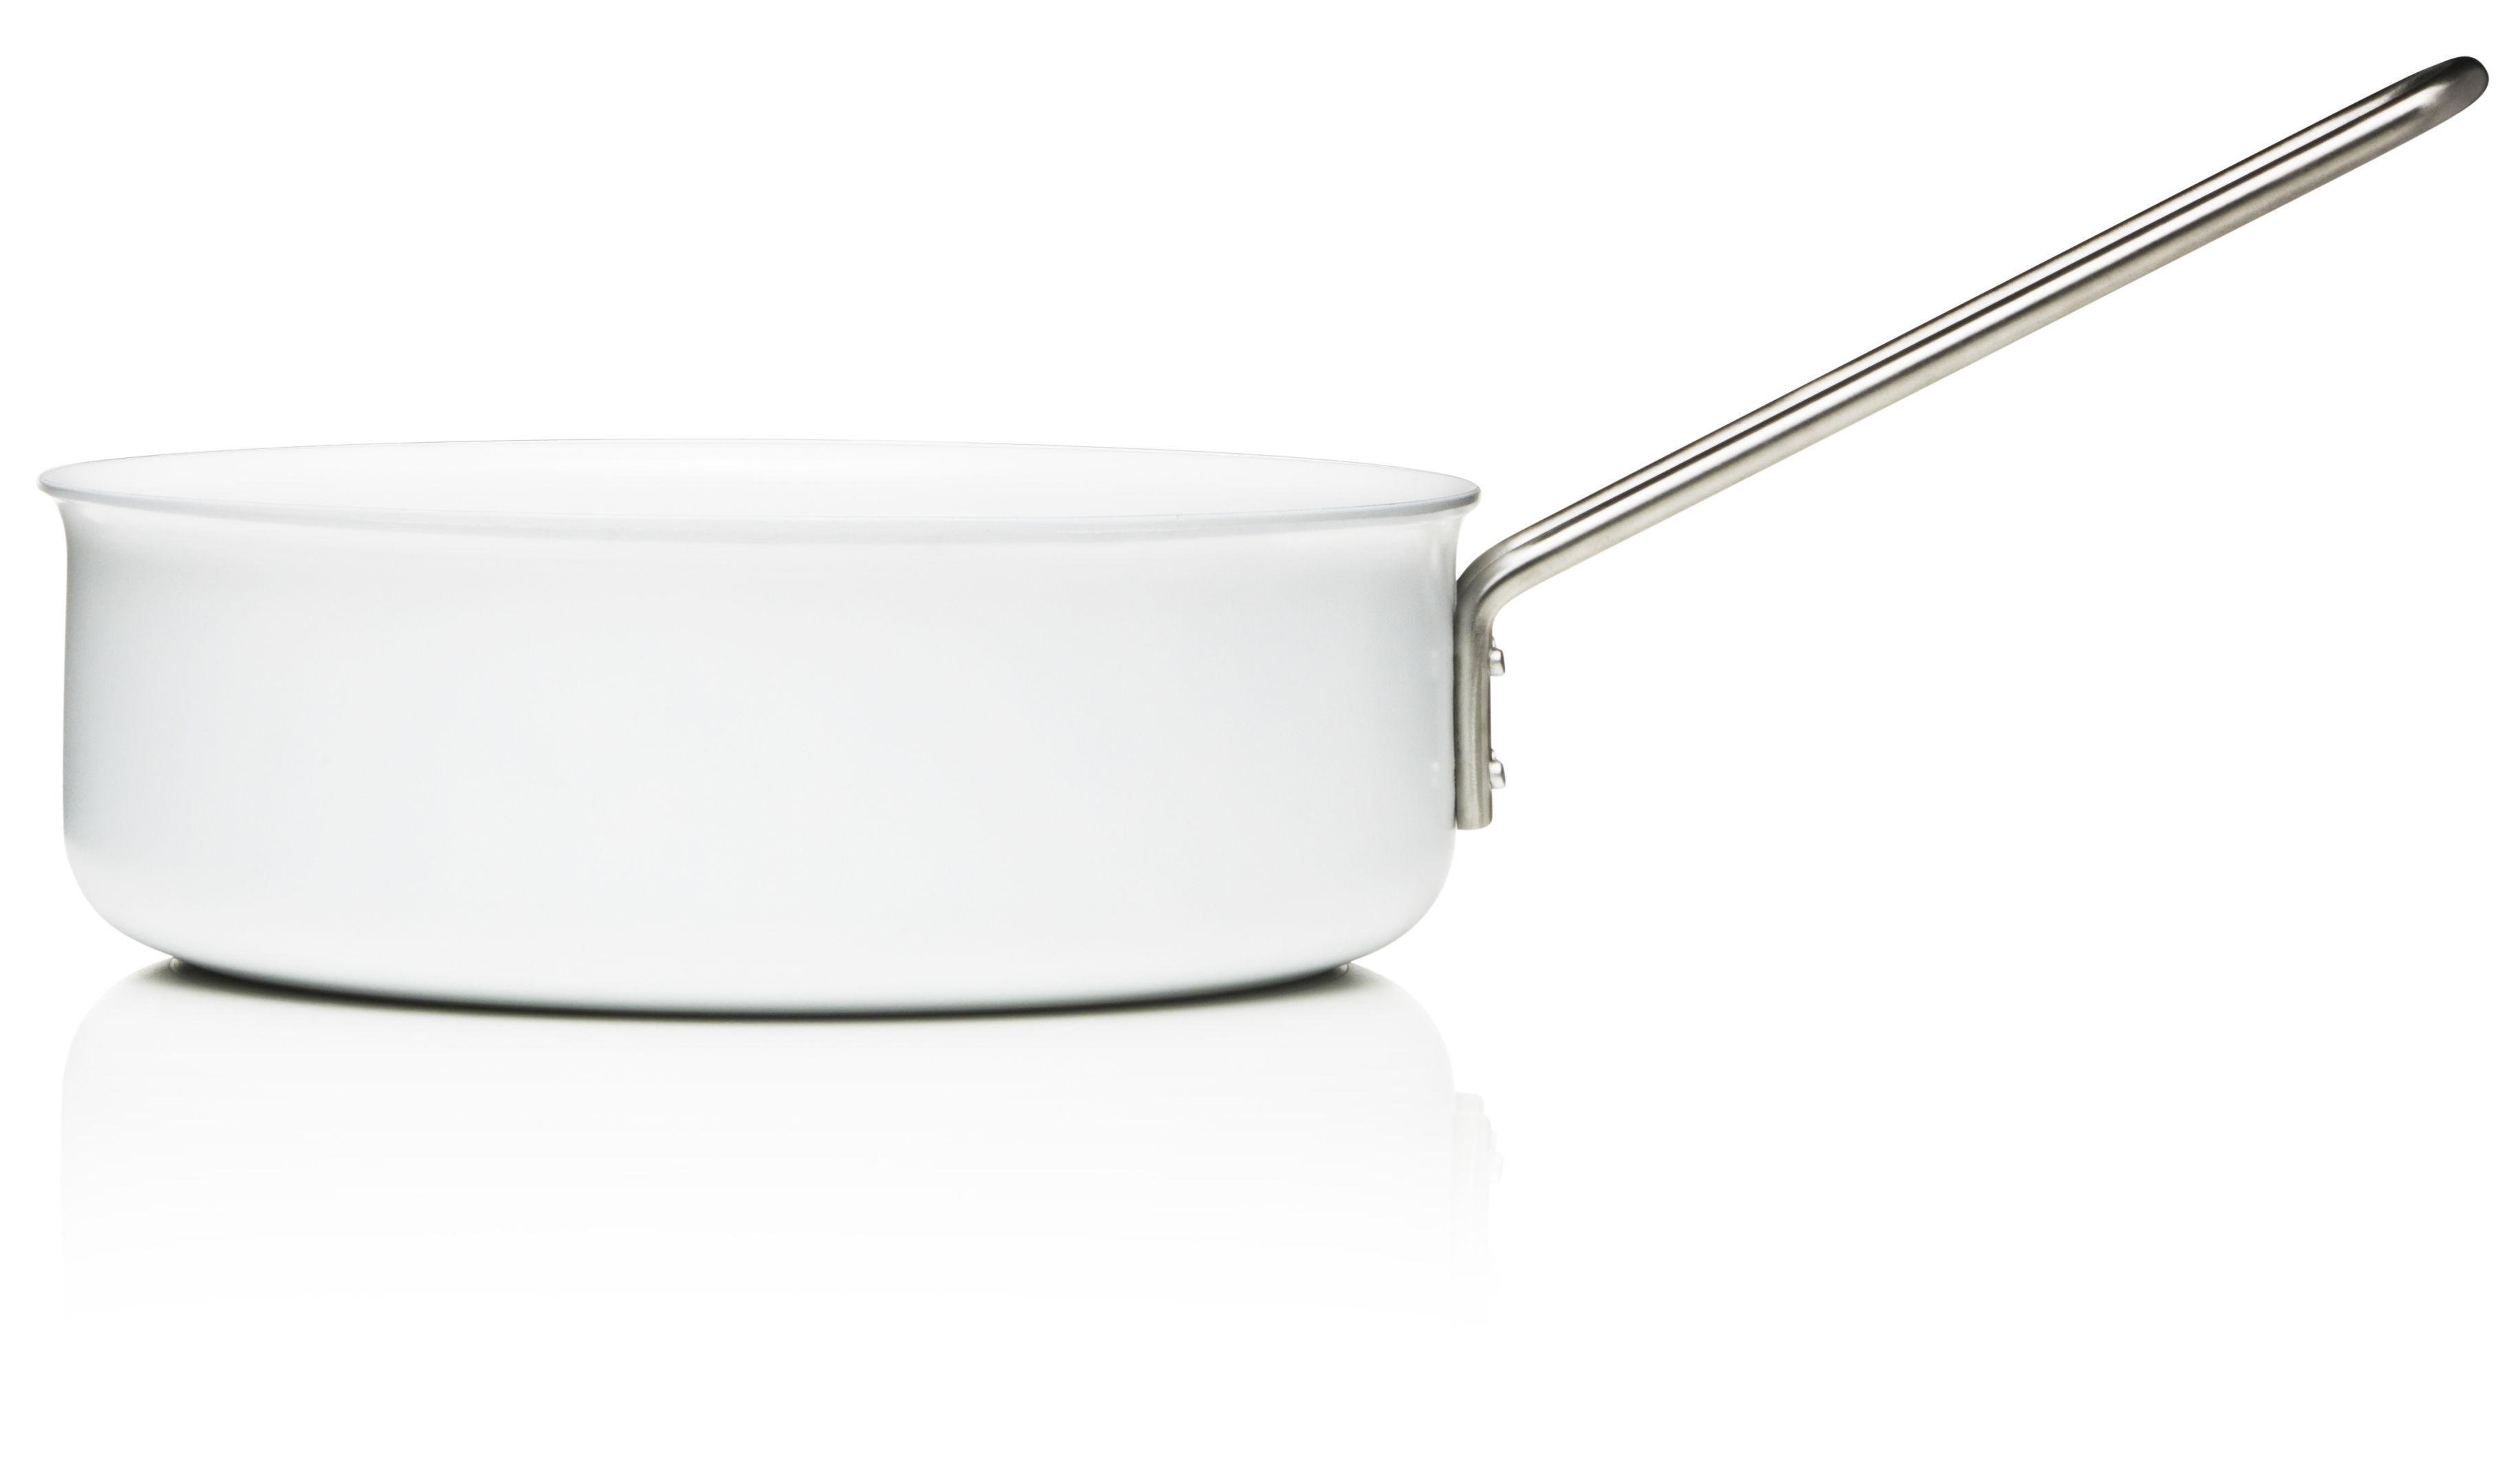 Cucina - Pentole, Padelle e Casseruole - Casseruola conica White Line - Ø 24 cm di Eva Trio - Ø 24 cm - Bianco - Acciaio inossidabile, Alluminio, Ceramica